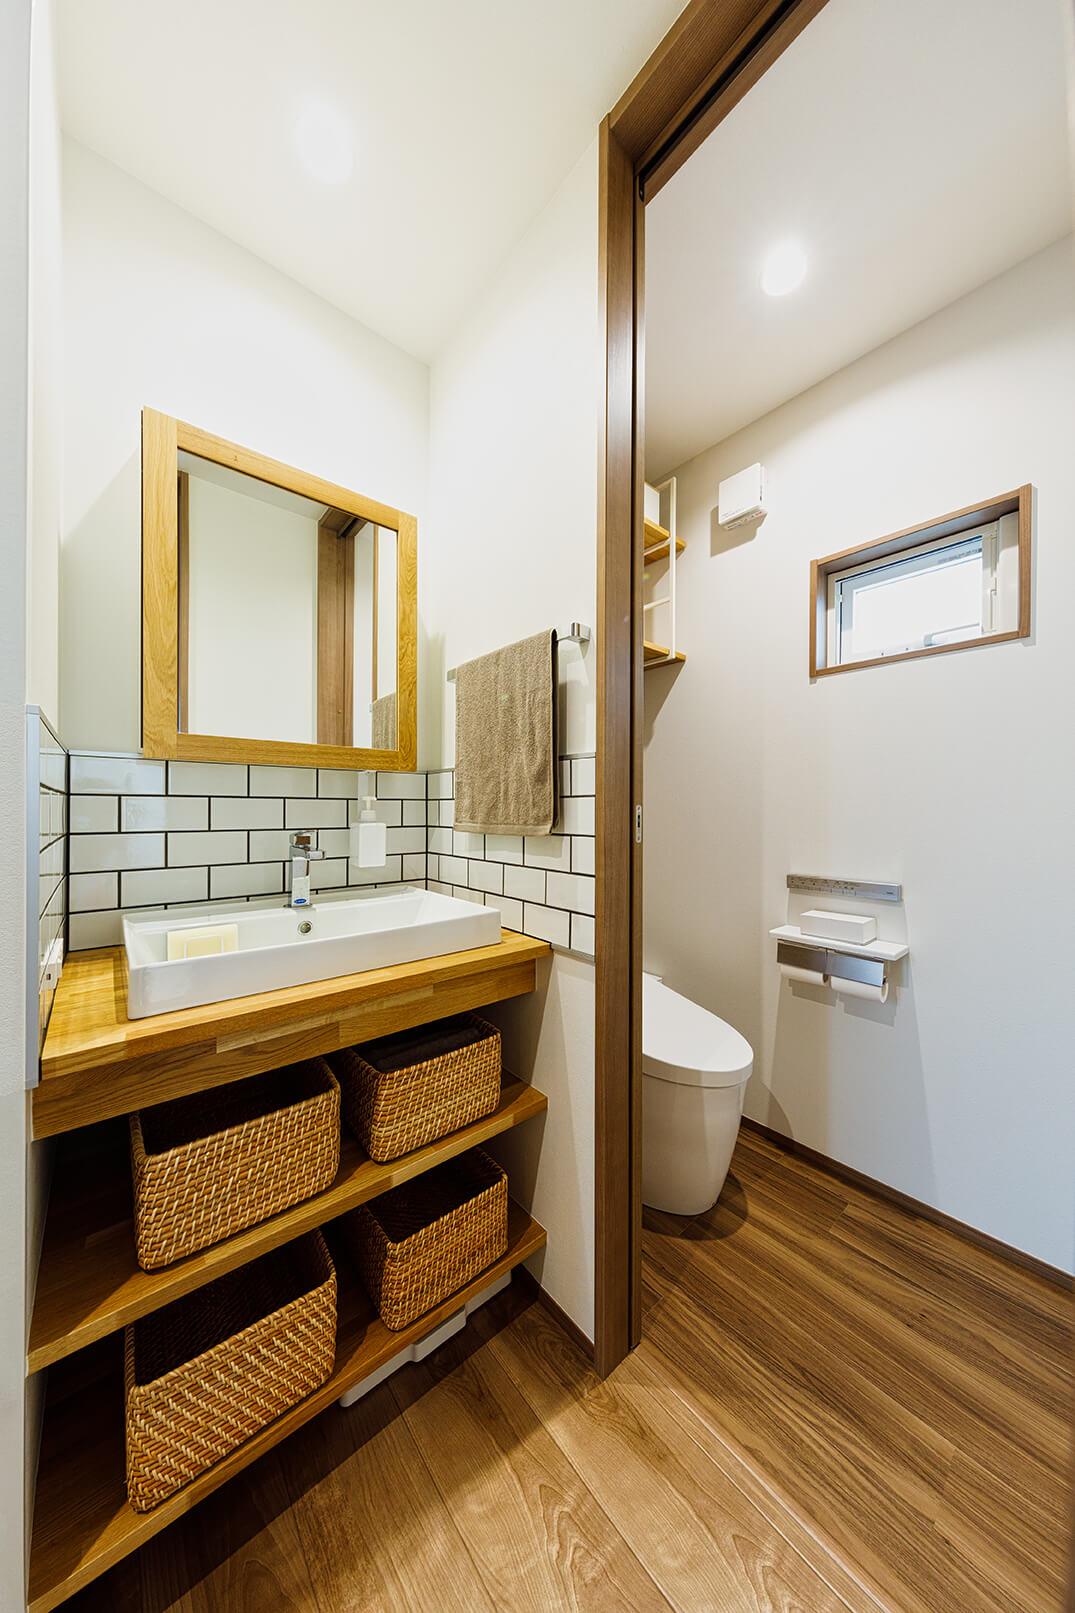 3階のトイレはコンパクトですが気持ちのいい空間です。「トイレは1階と3階に配置しています。3階は夜間でも使いやすいよう中央部分に設け、洗面やお化粧用のスペースも確保しました」(コジマジックさん)。